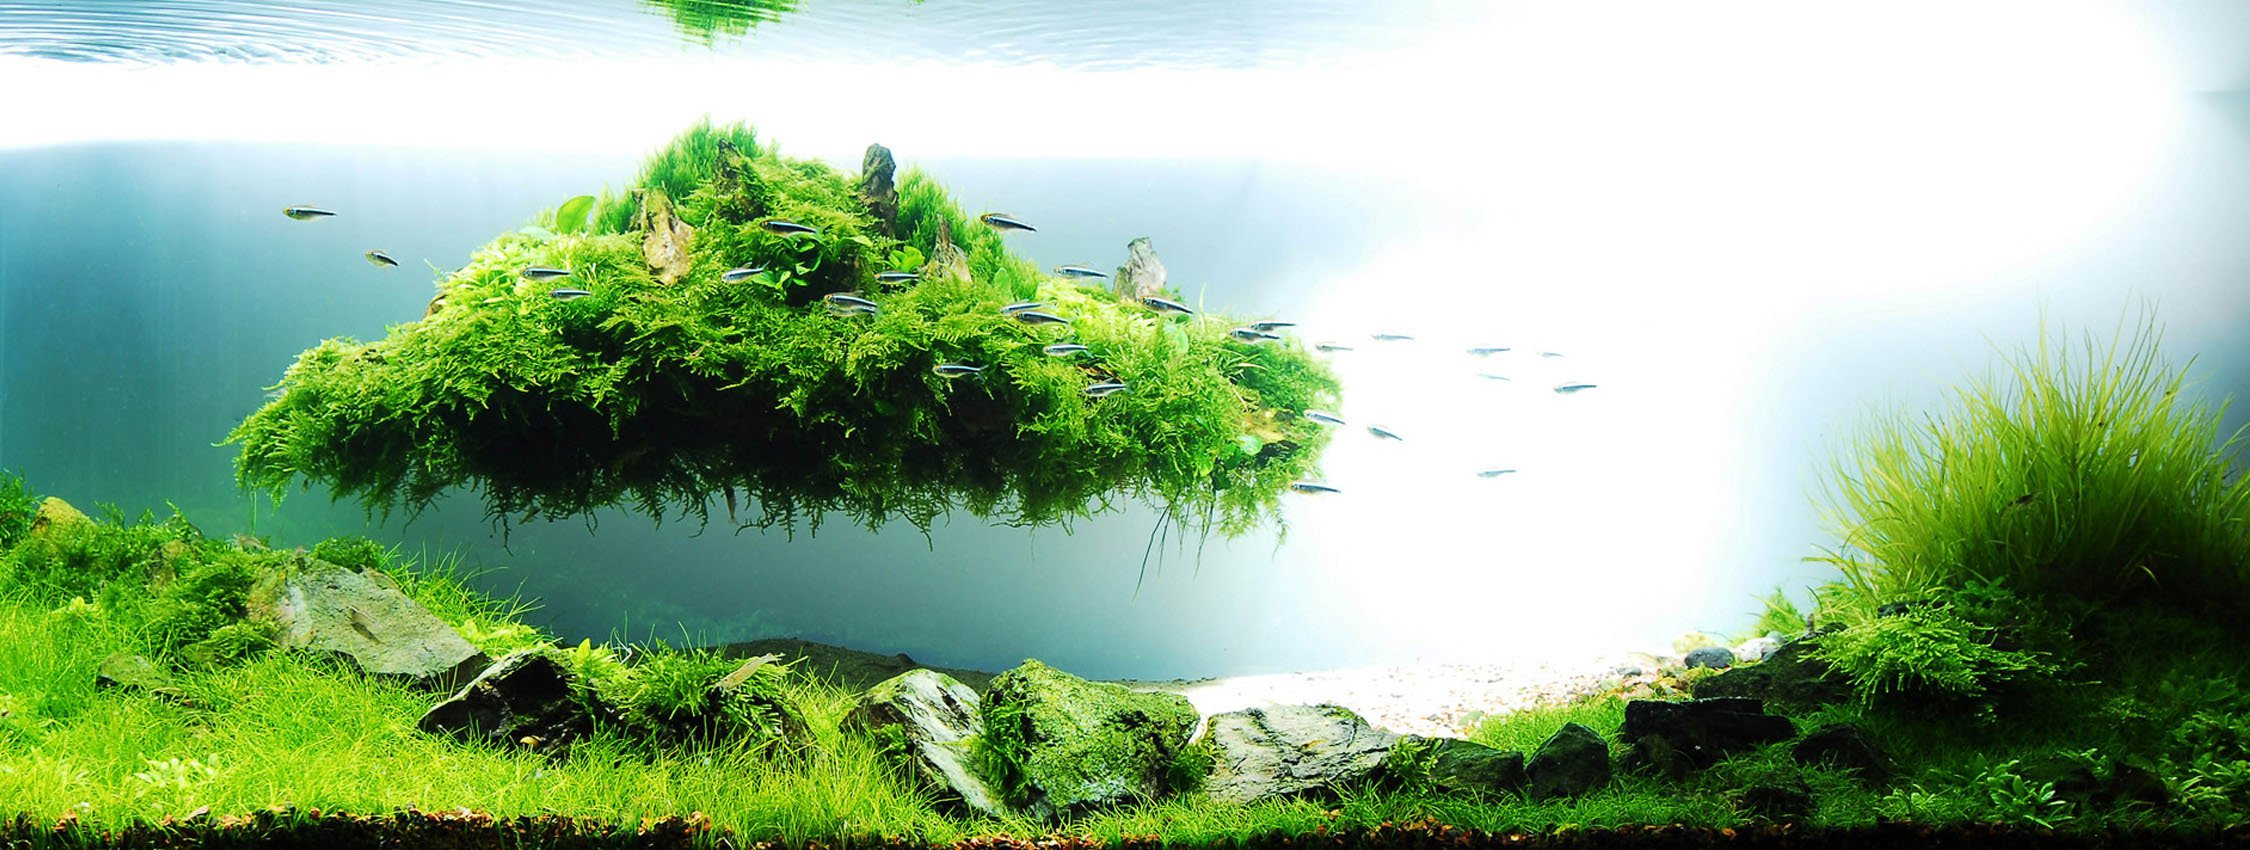 aquascaping de takashi amano el artista de la decoracion de acuarios 4